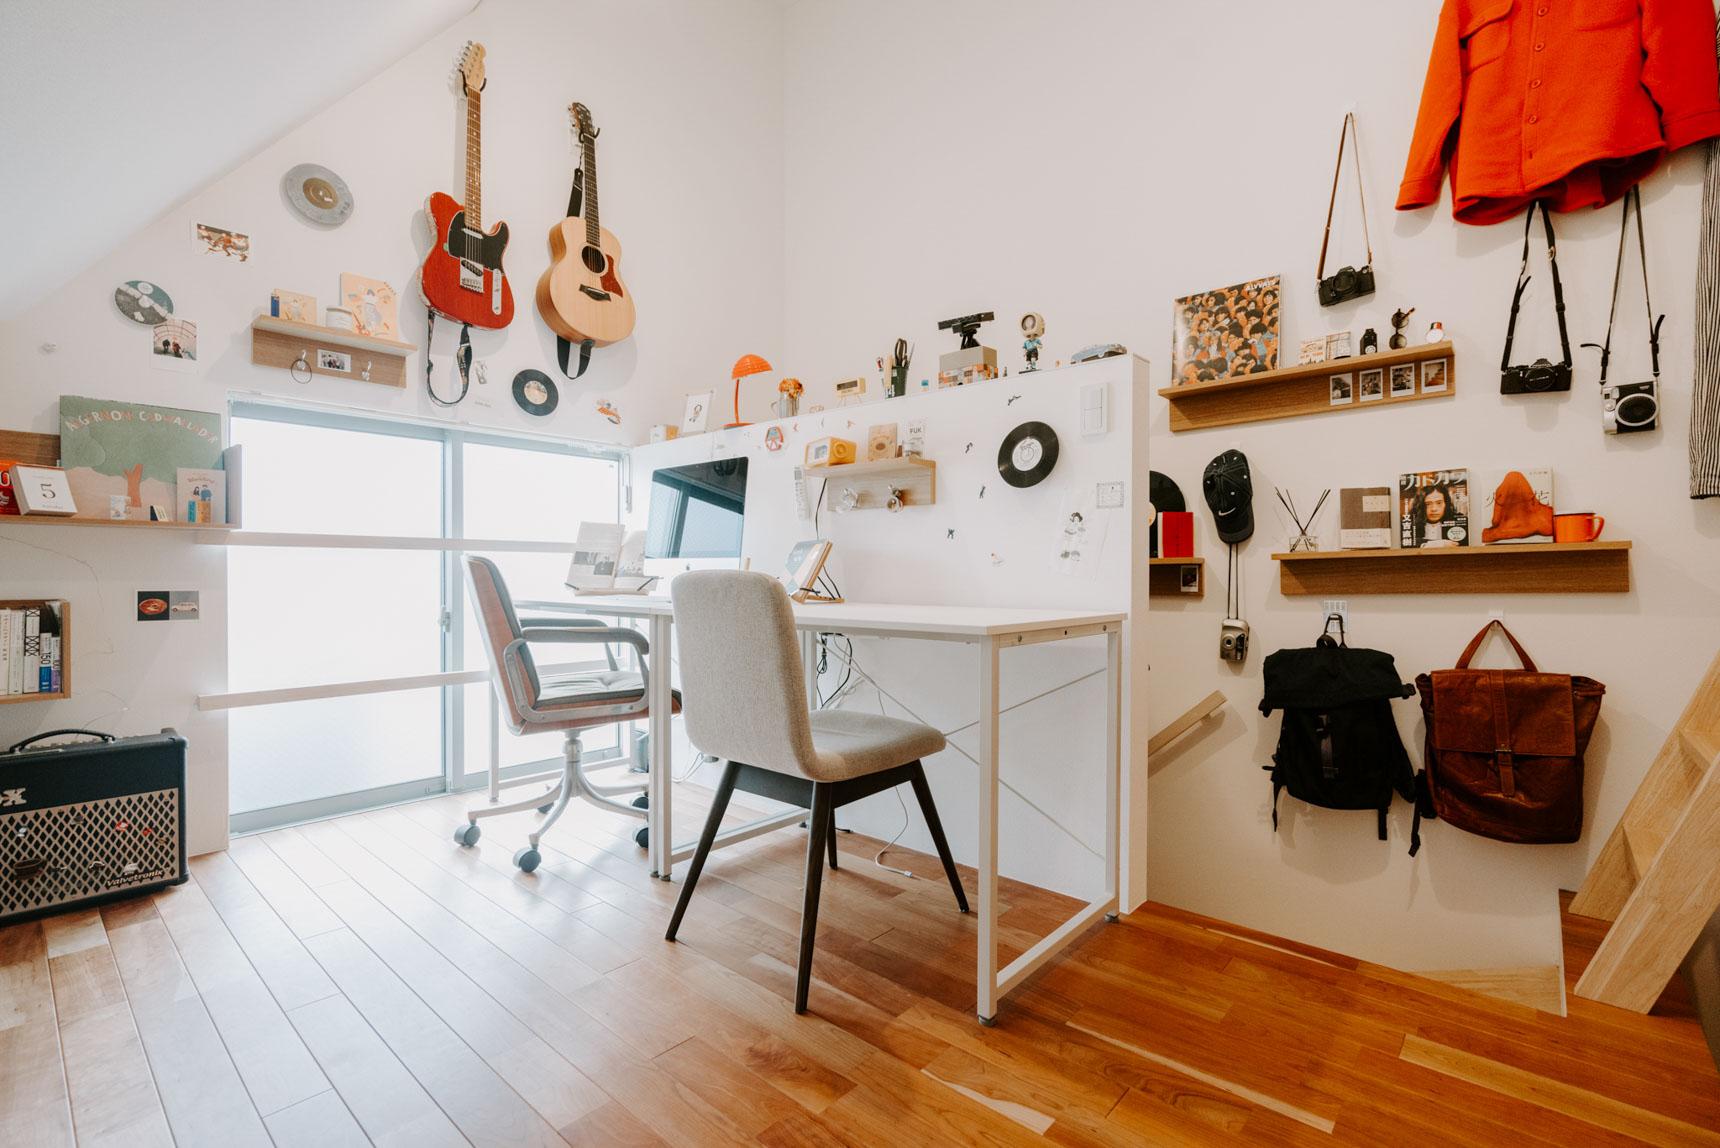 カメラやバッグ、本など様々なモノを飾り付け、住人の方がどんな趣味をお持ちなのかが一目で分かる、個性的なお部屋。(このお部屋をもっと見る)